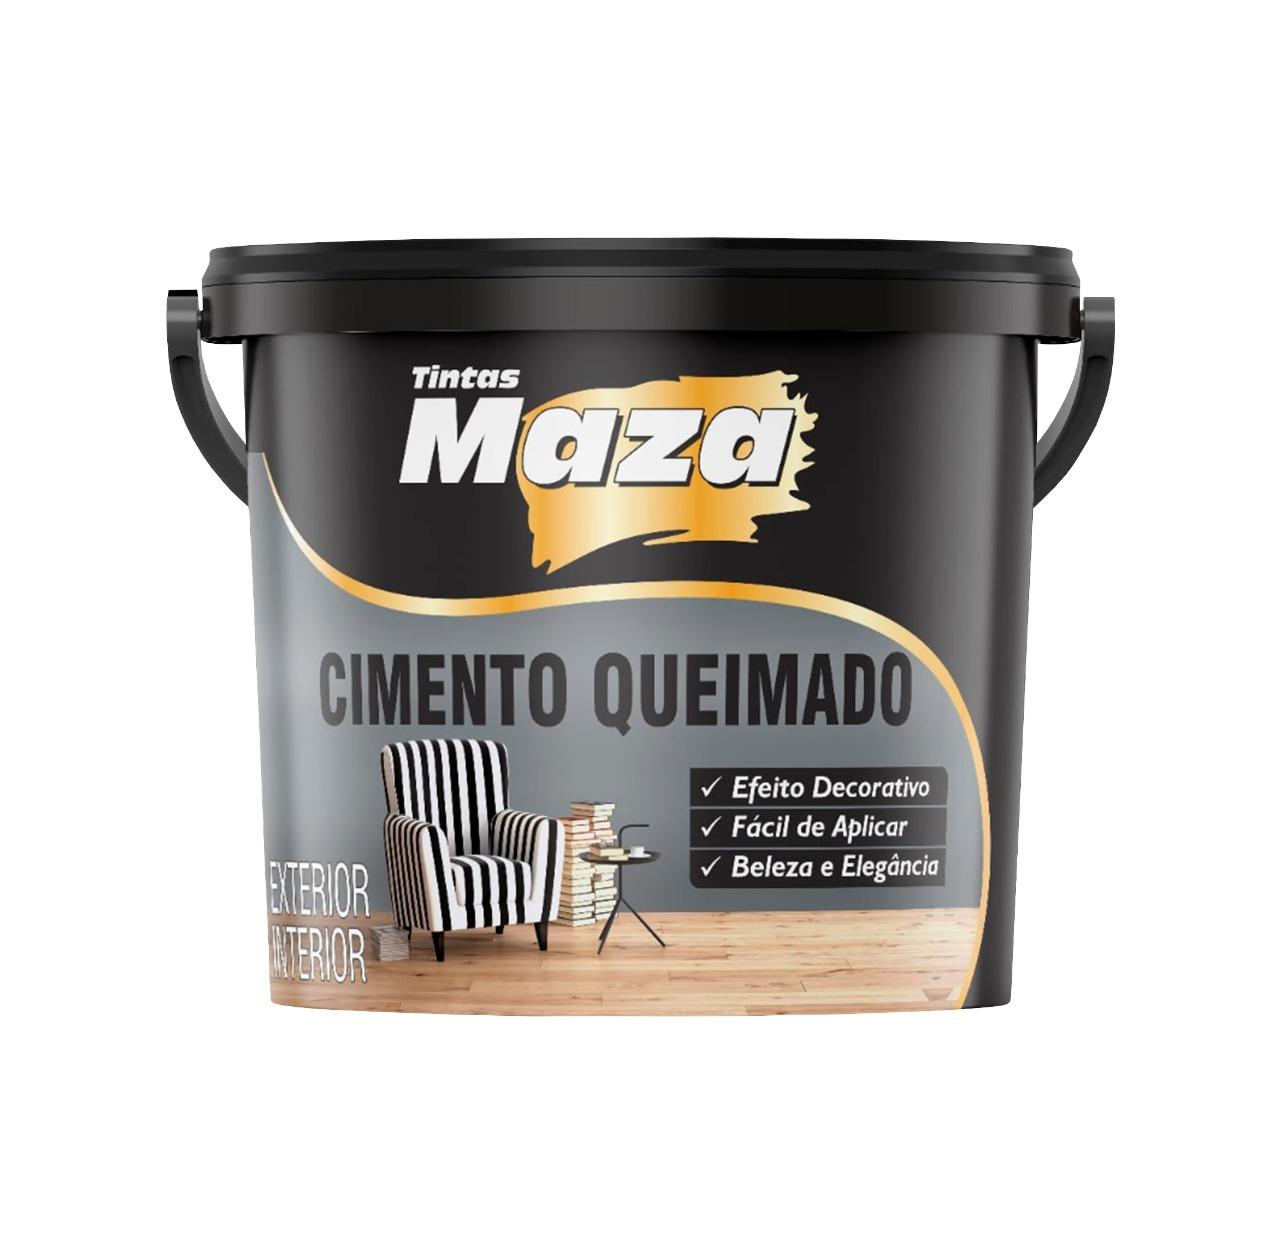 Cimento Queimado massa pronta para Parede Maza - 5,6kg - Cimento queimado